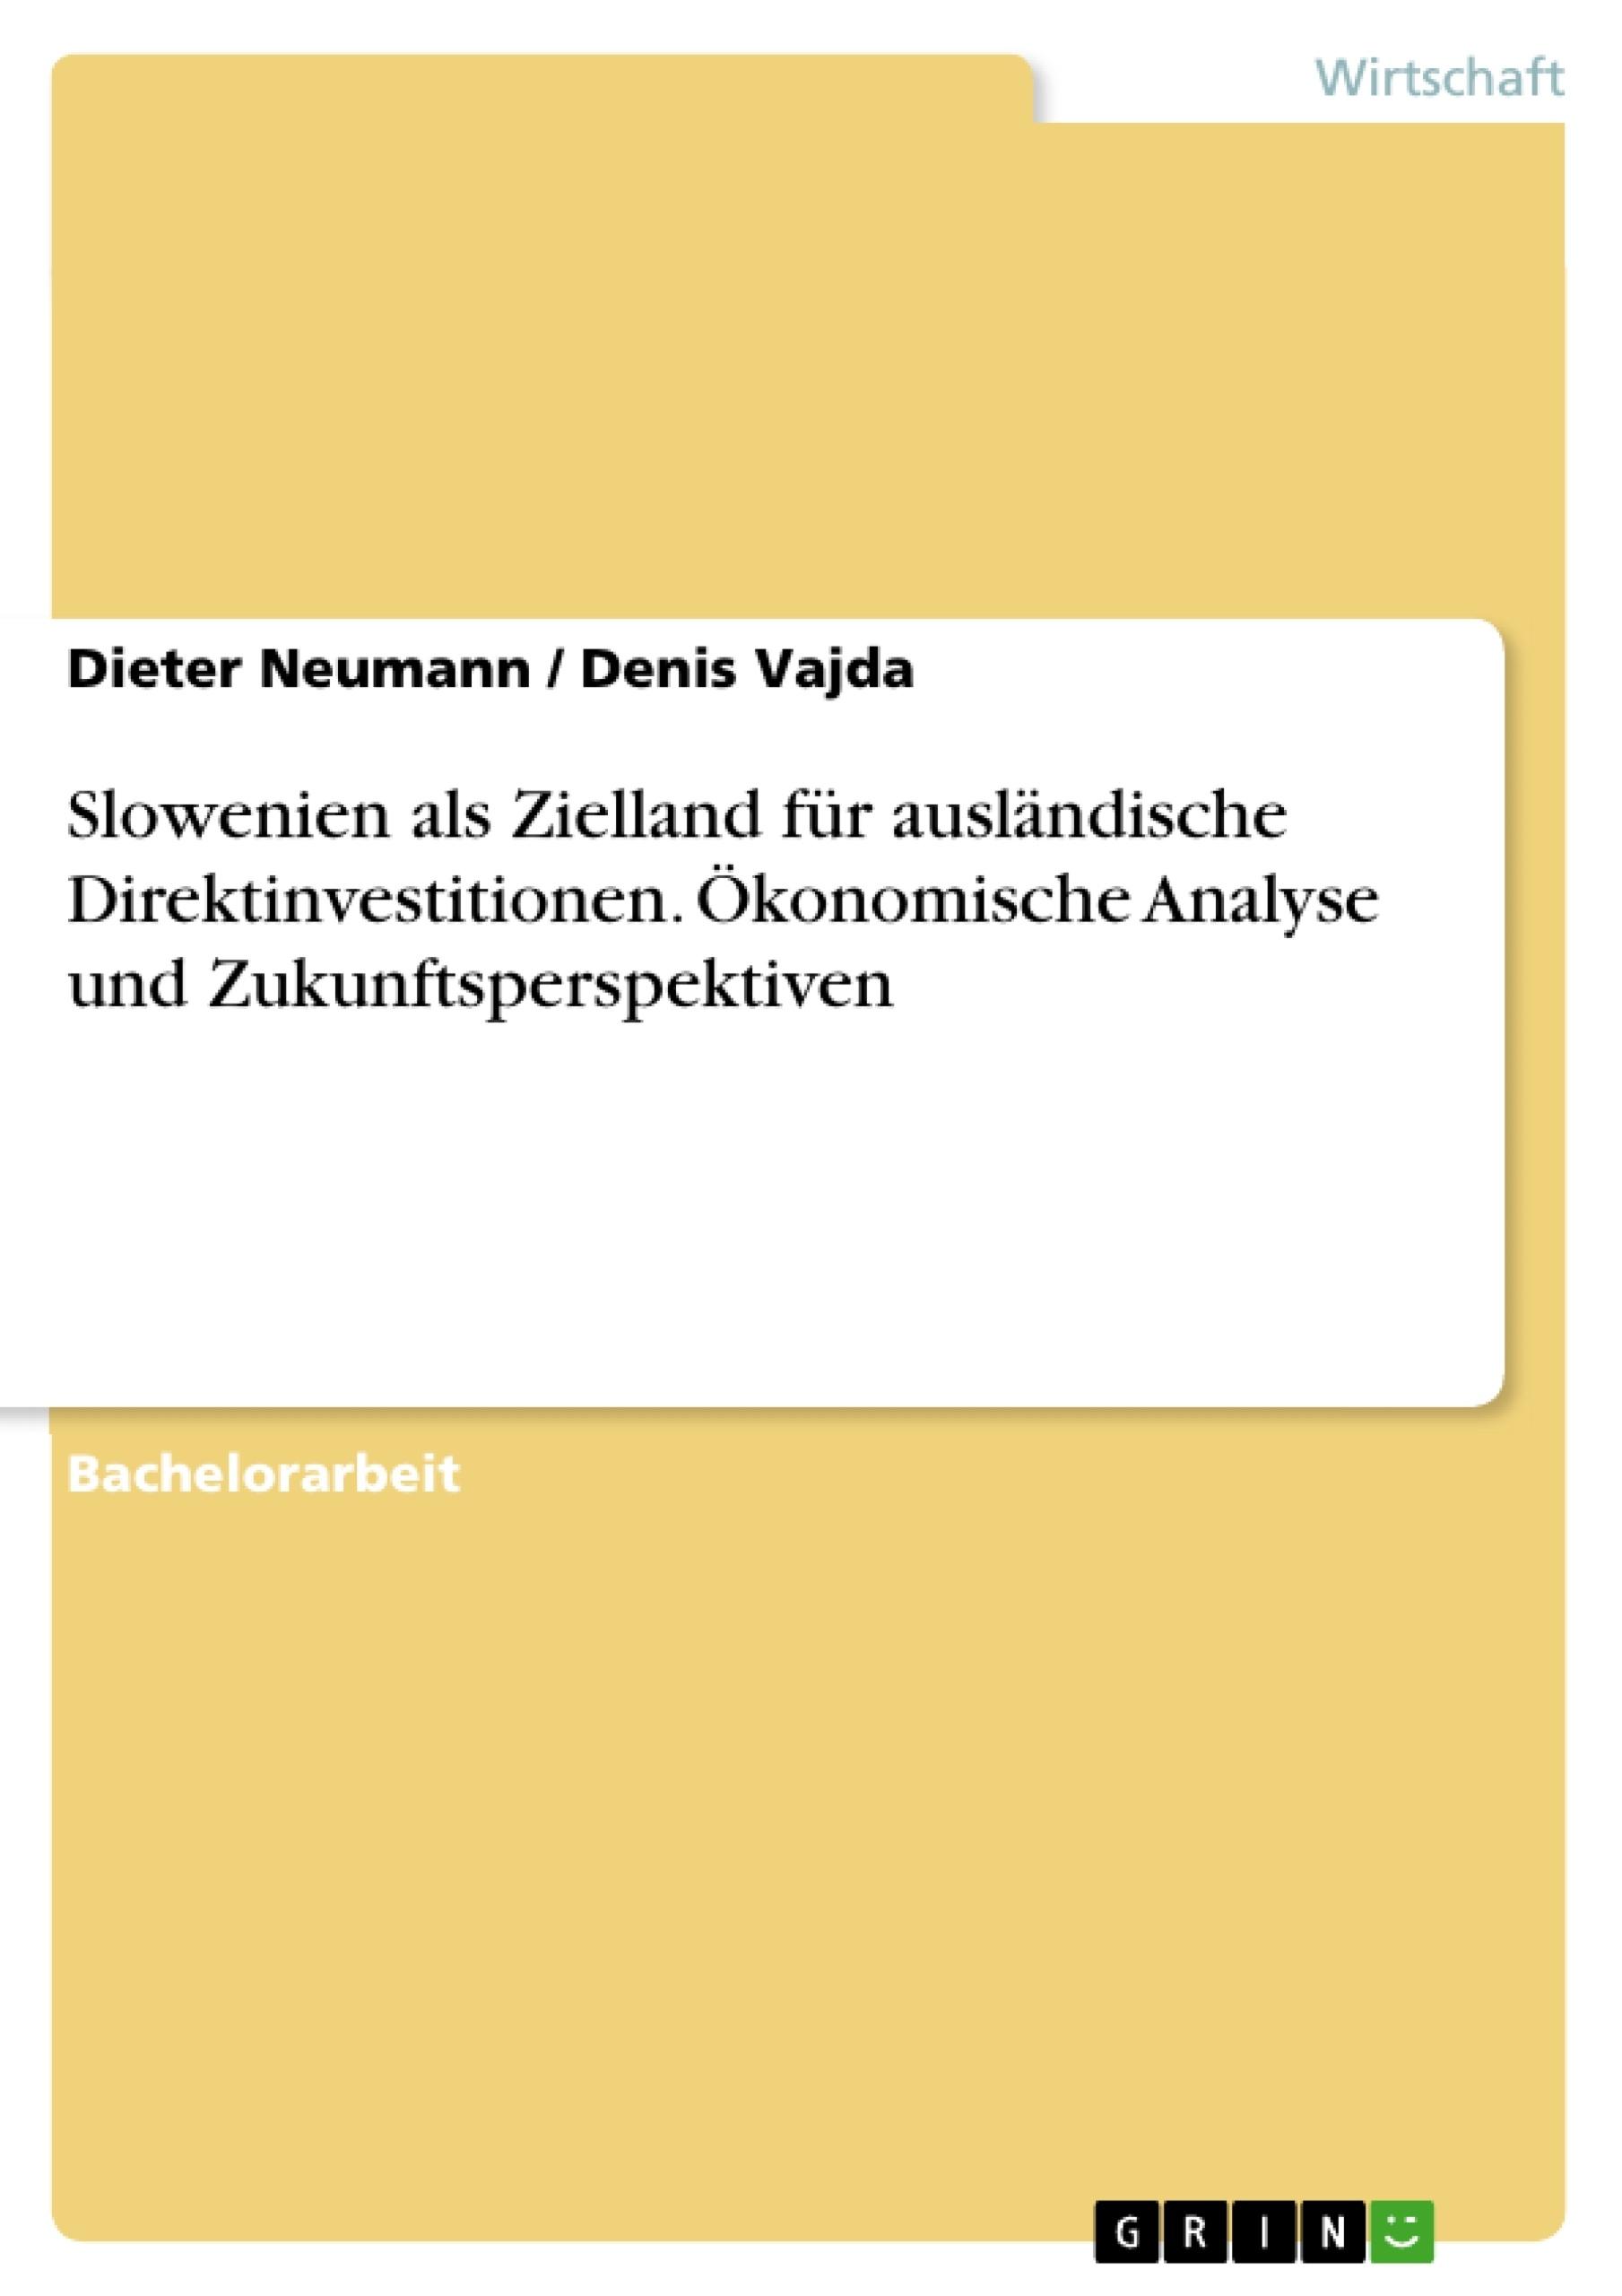 Titel: Slowenien als Zielland für ausländische Direktinvestitionen. Ökonomische Analyse und Zukunftsperspektiven